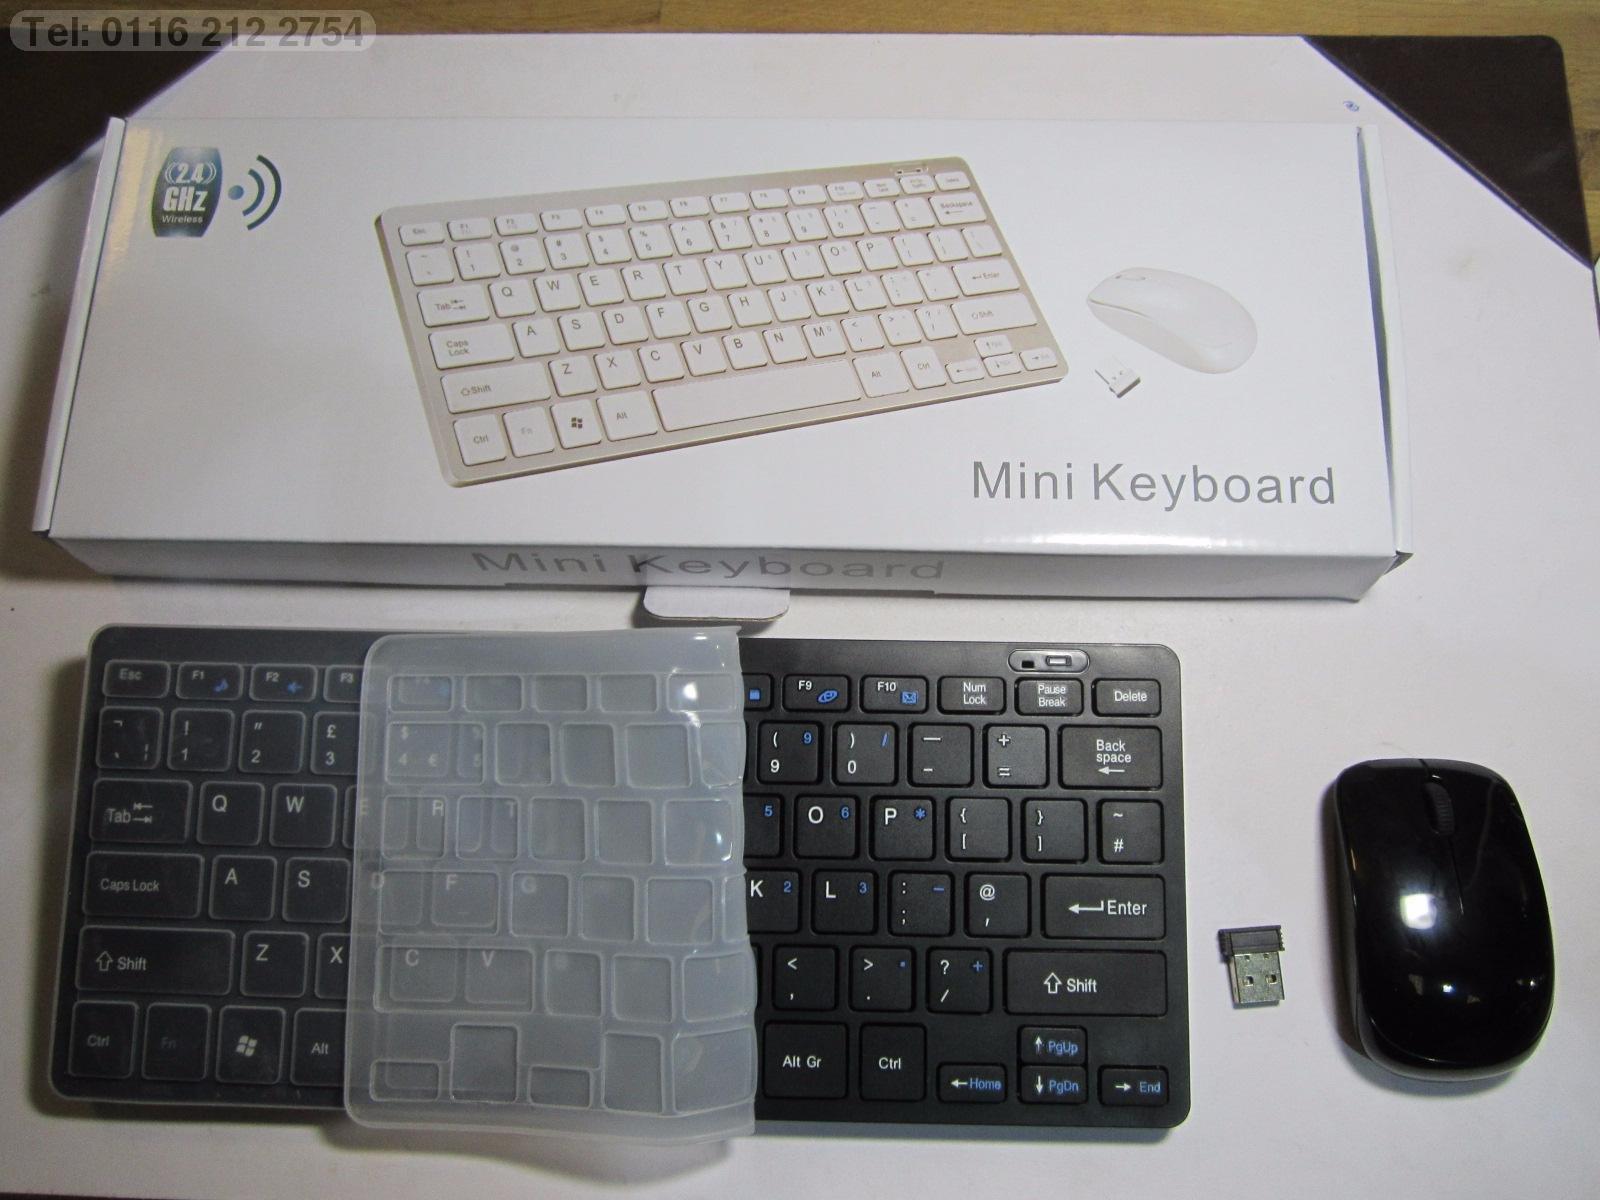 Mini teclado inalámbrico y ratón para SMART TV Sharp LC-60LE751 K: Amazon.es: Electrónica